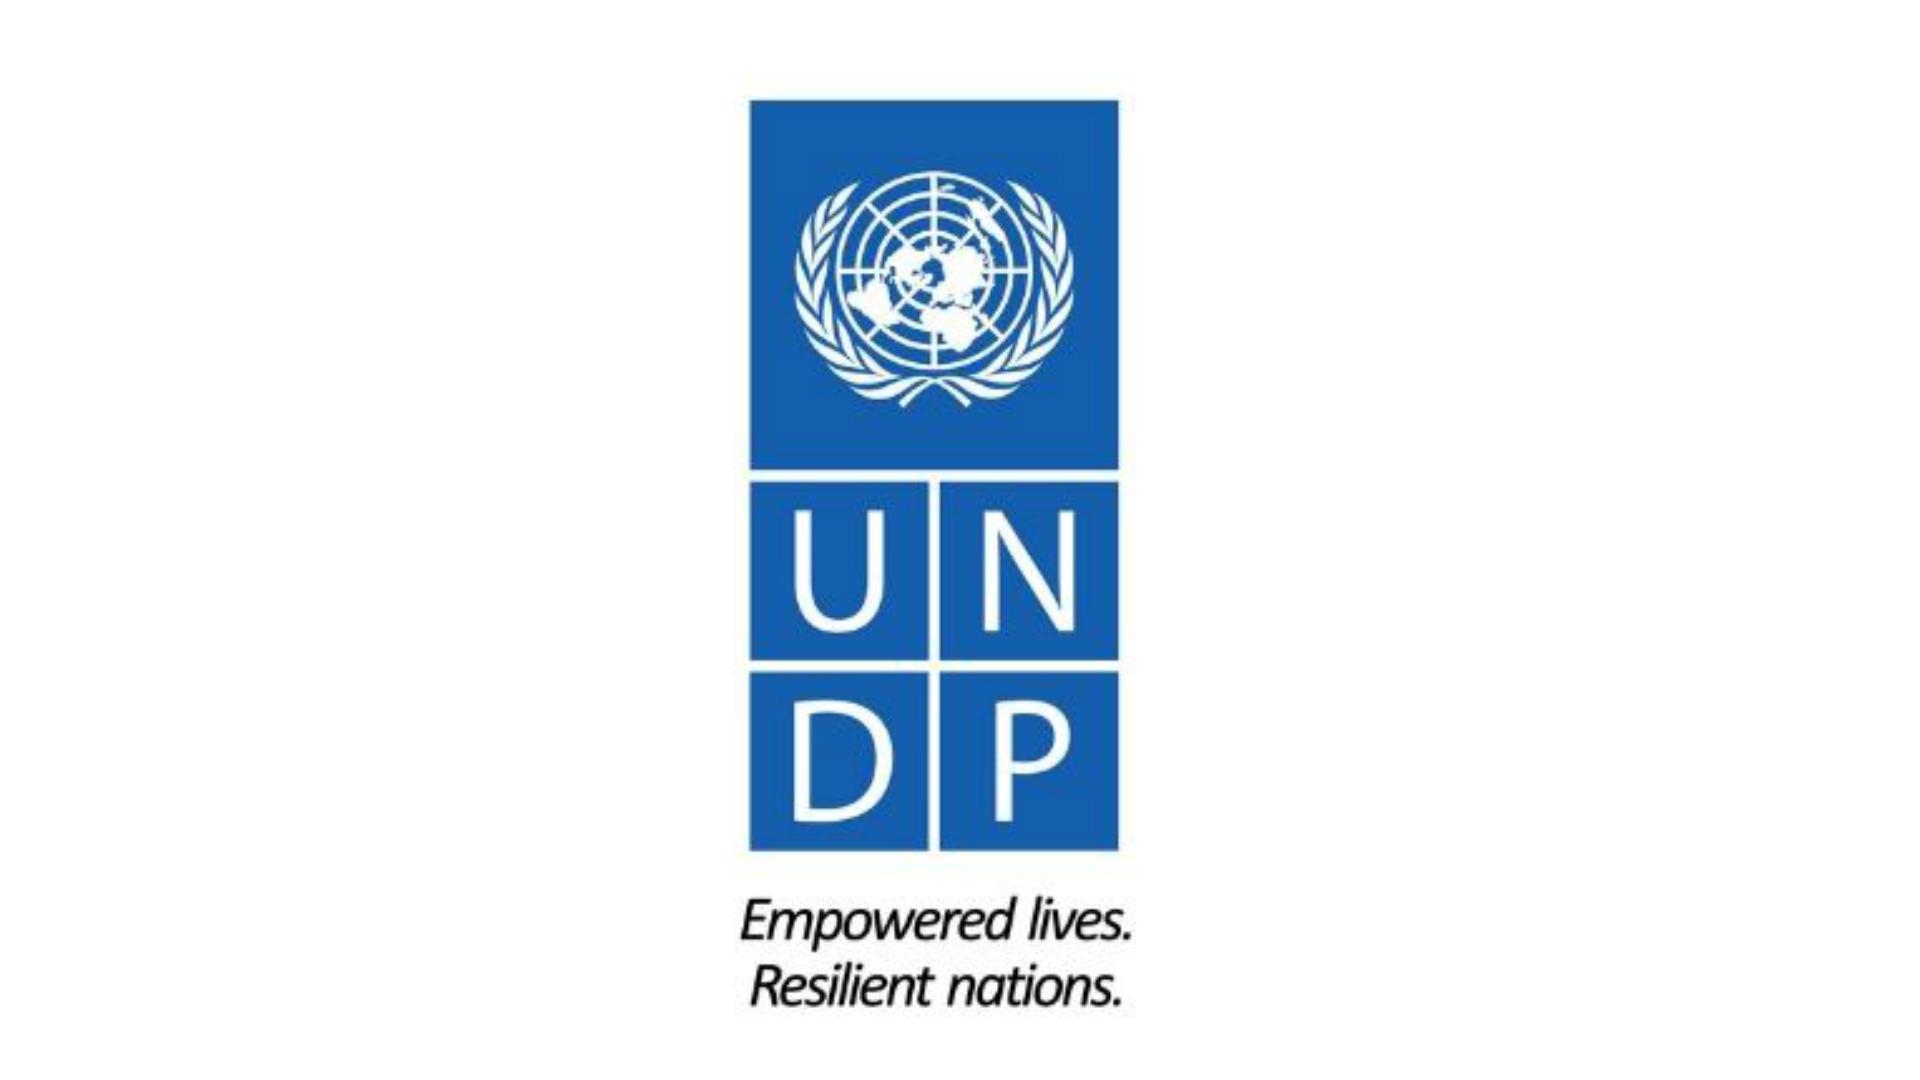 إبرام اتفاق مع برنامج الأمم المتحدة الإنمائي لدعم الاستقرار في المدن المحررة